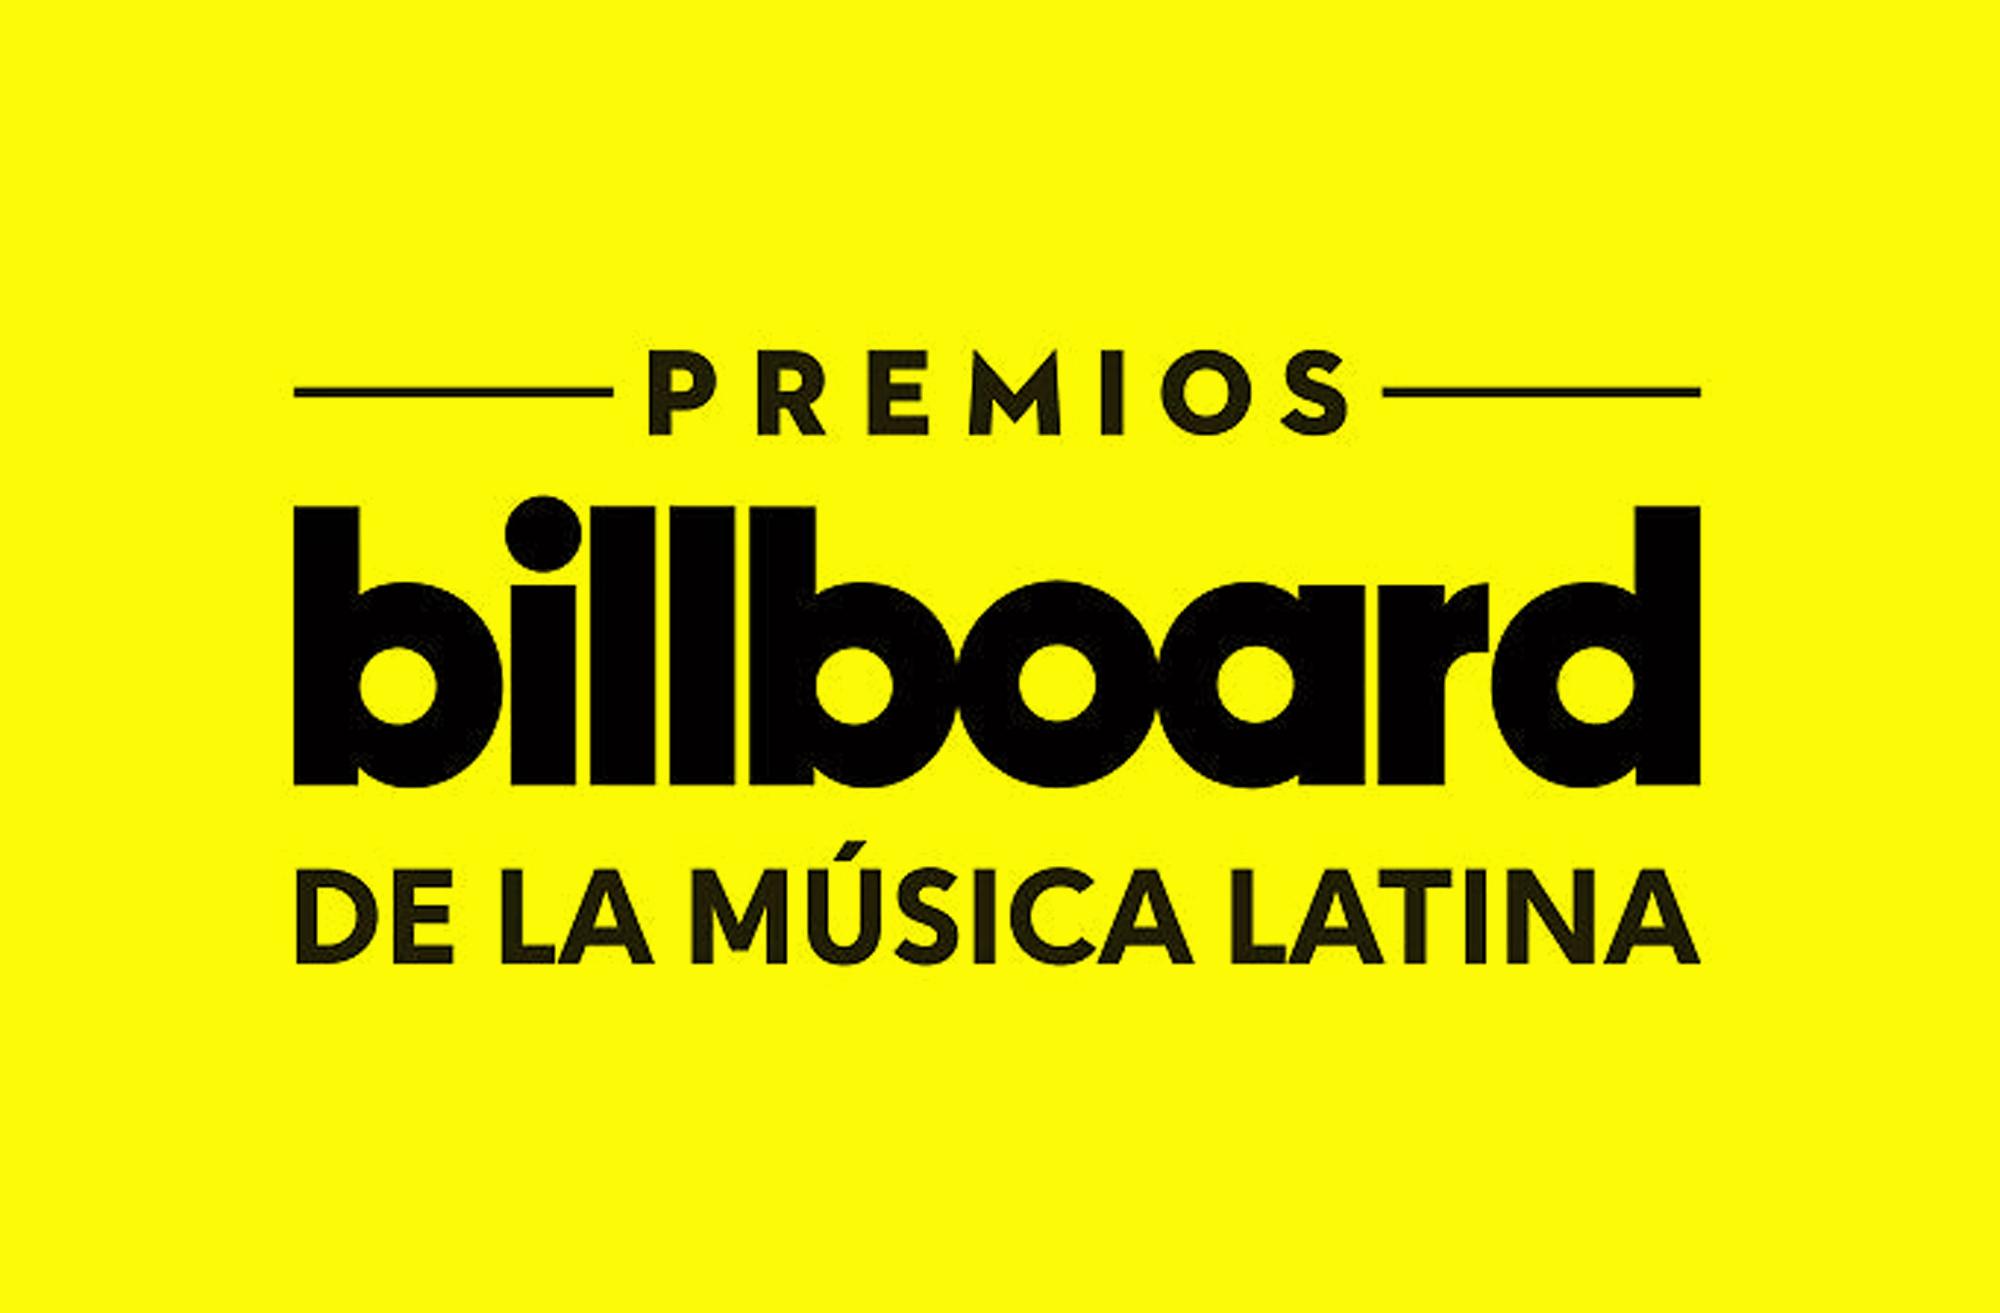 Telemundo pospone los Premios Billboard 2020 | La Opinión